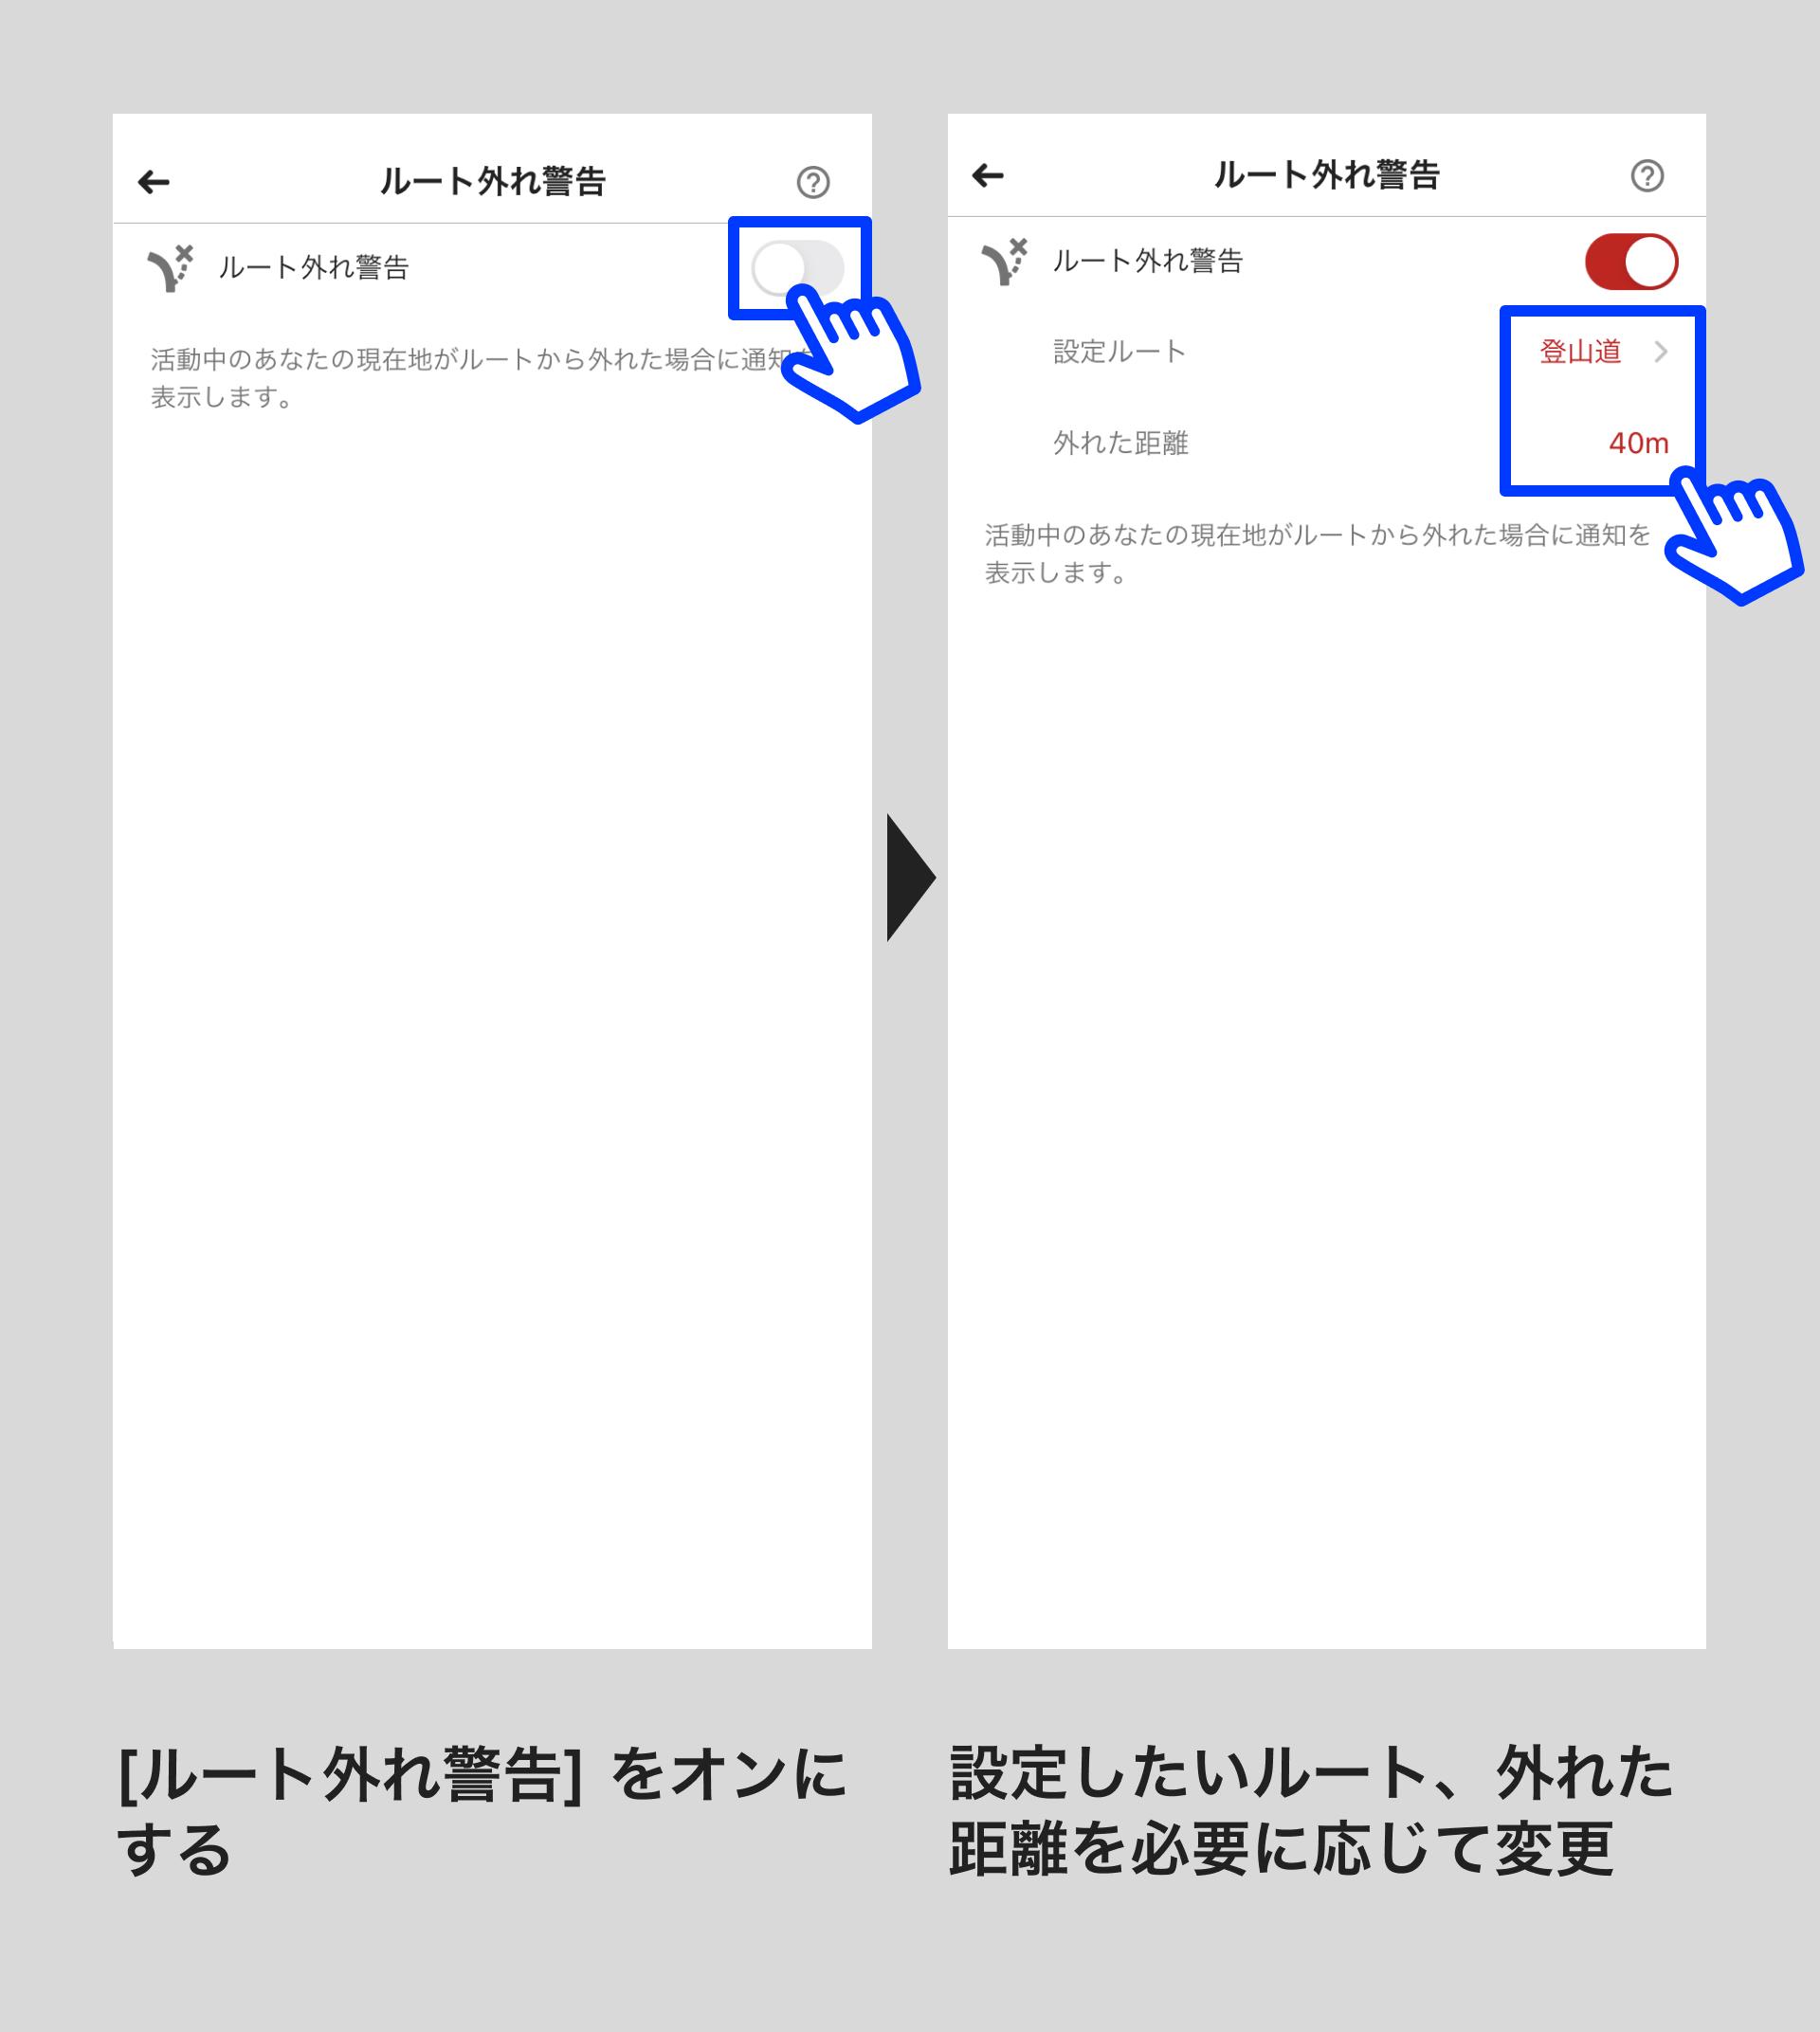 900003437546_03.jpg